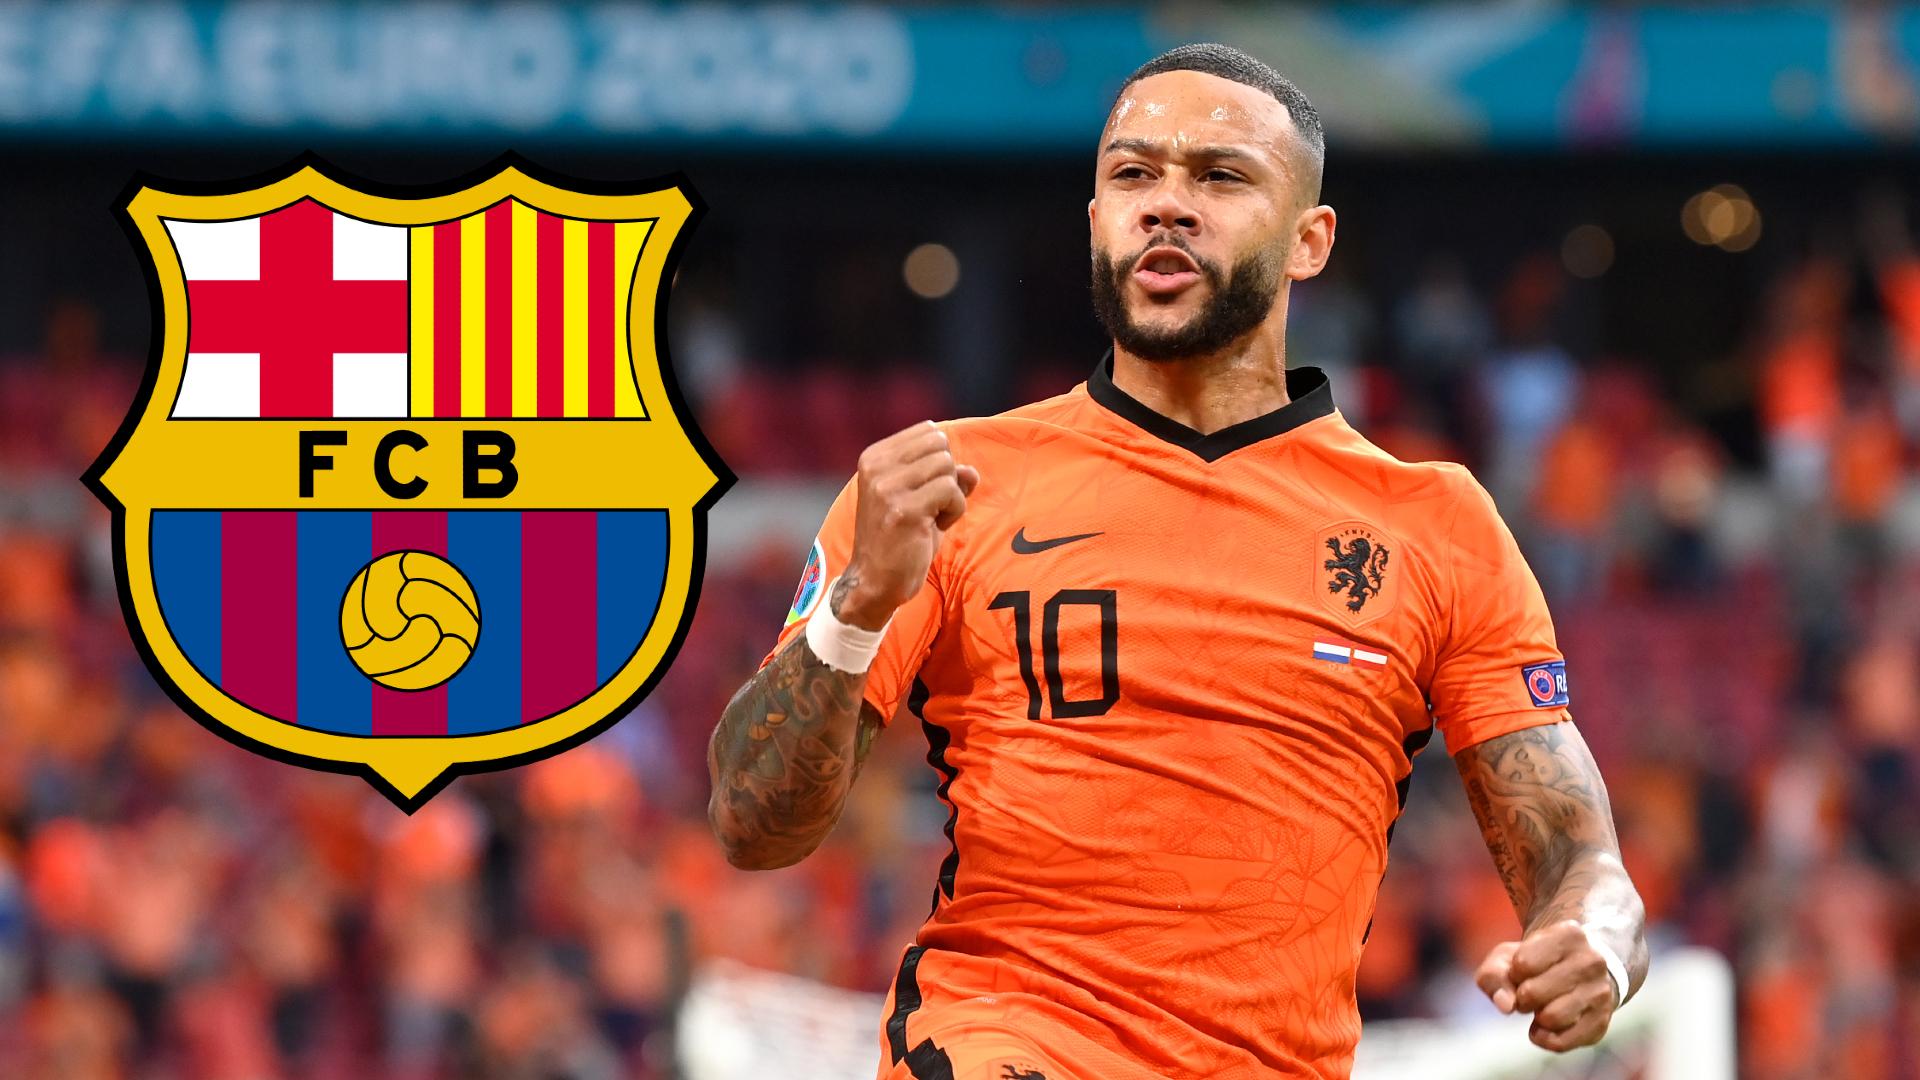 巴萨官方:荷兰边锋德佩自由转会加盟球队